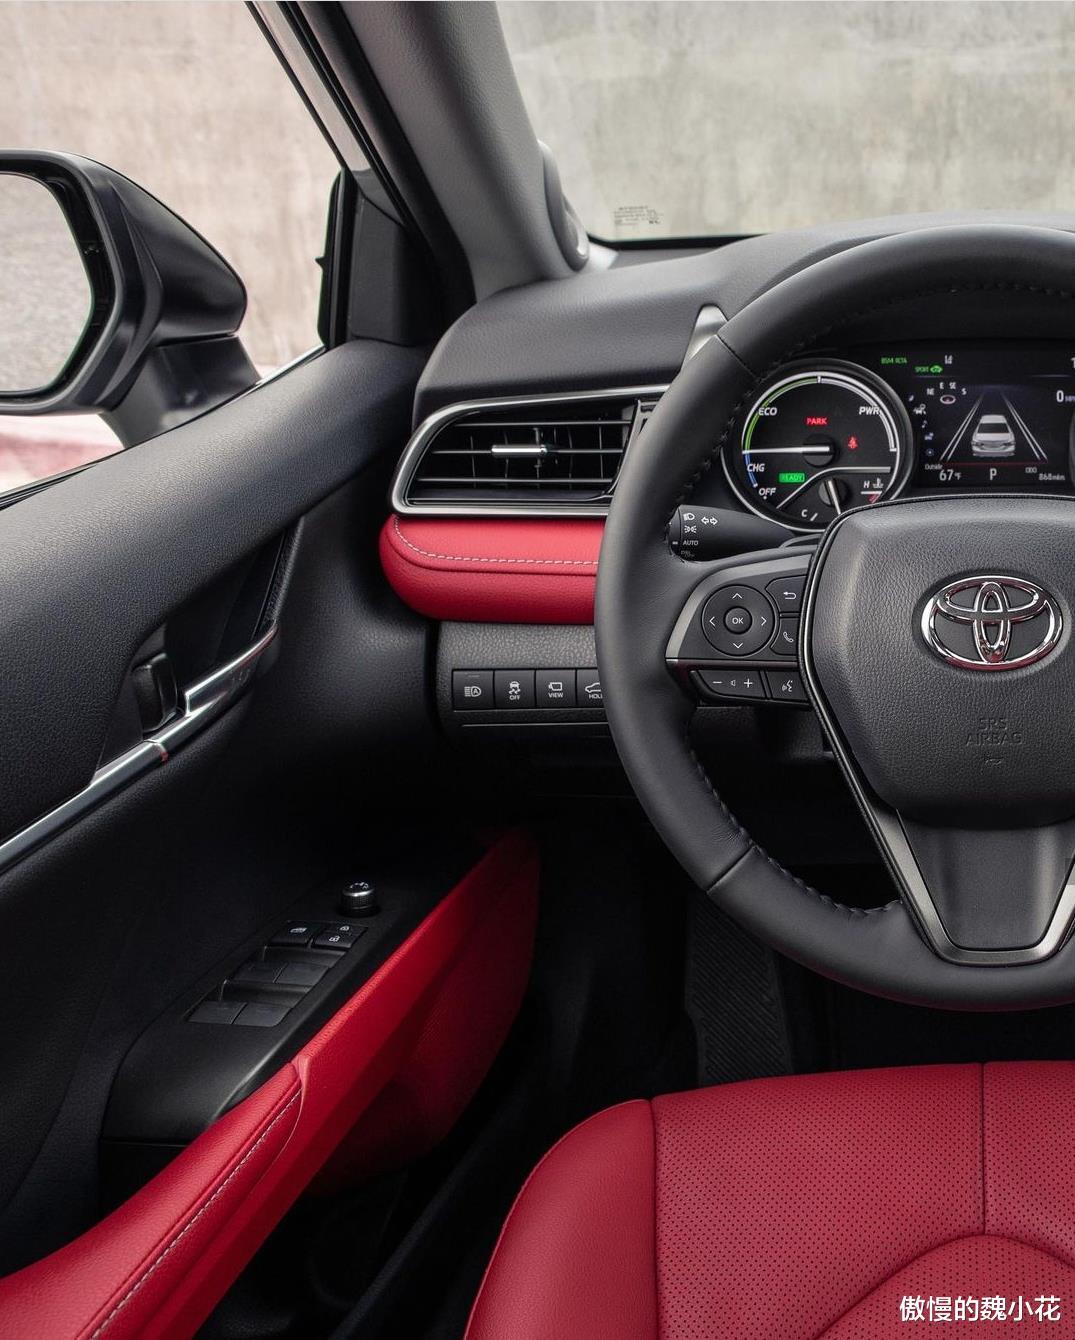 """豐田""""凱美瑞XSE""""版全球首發,紅黑內飾,搭載3.5L V6引擎!-圖3"""